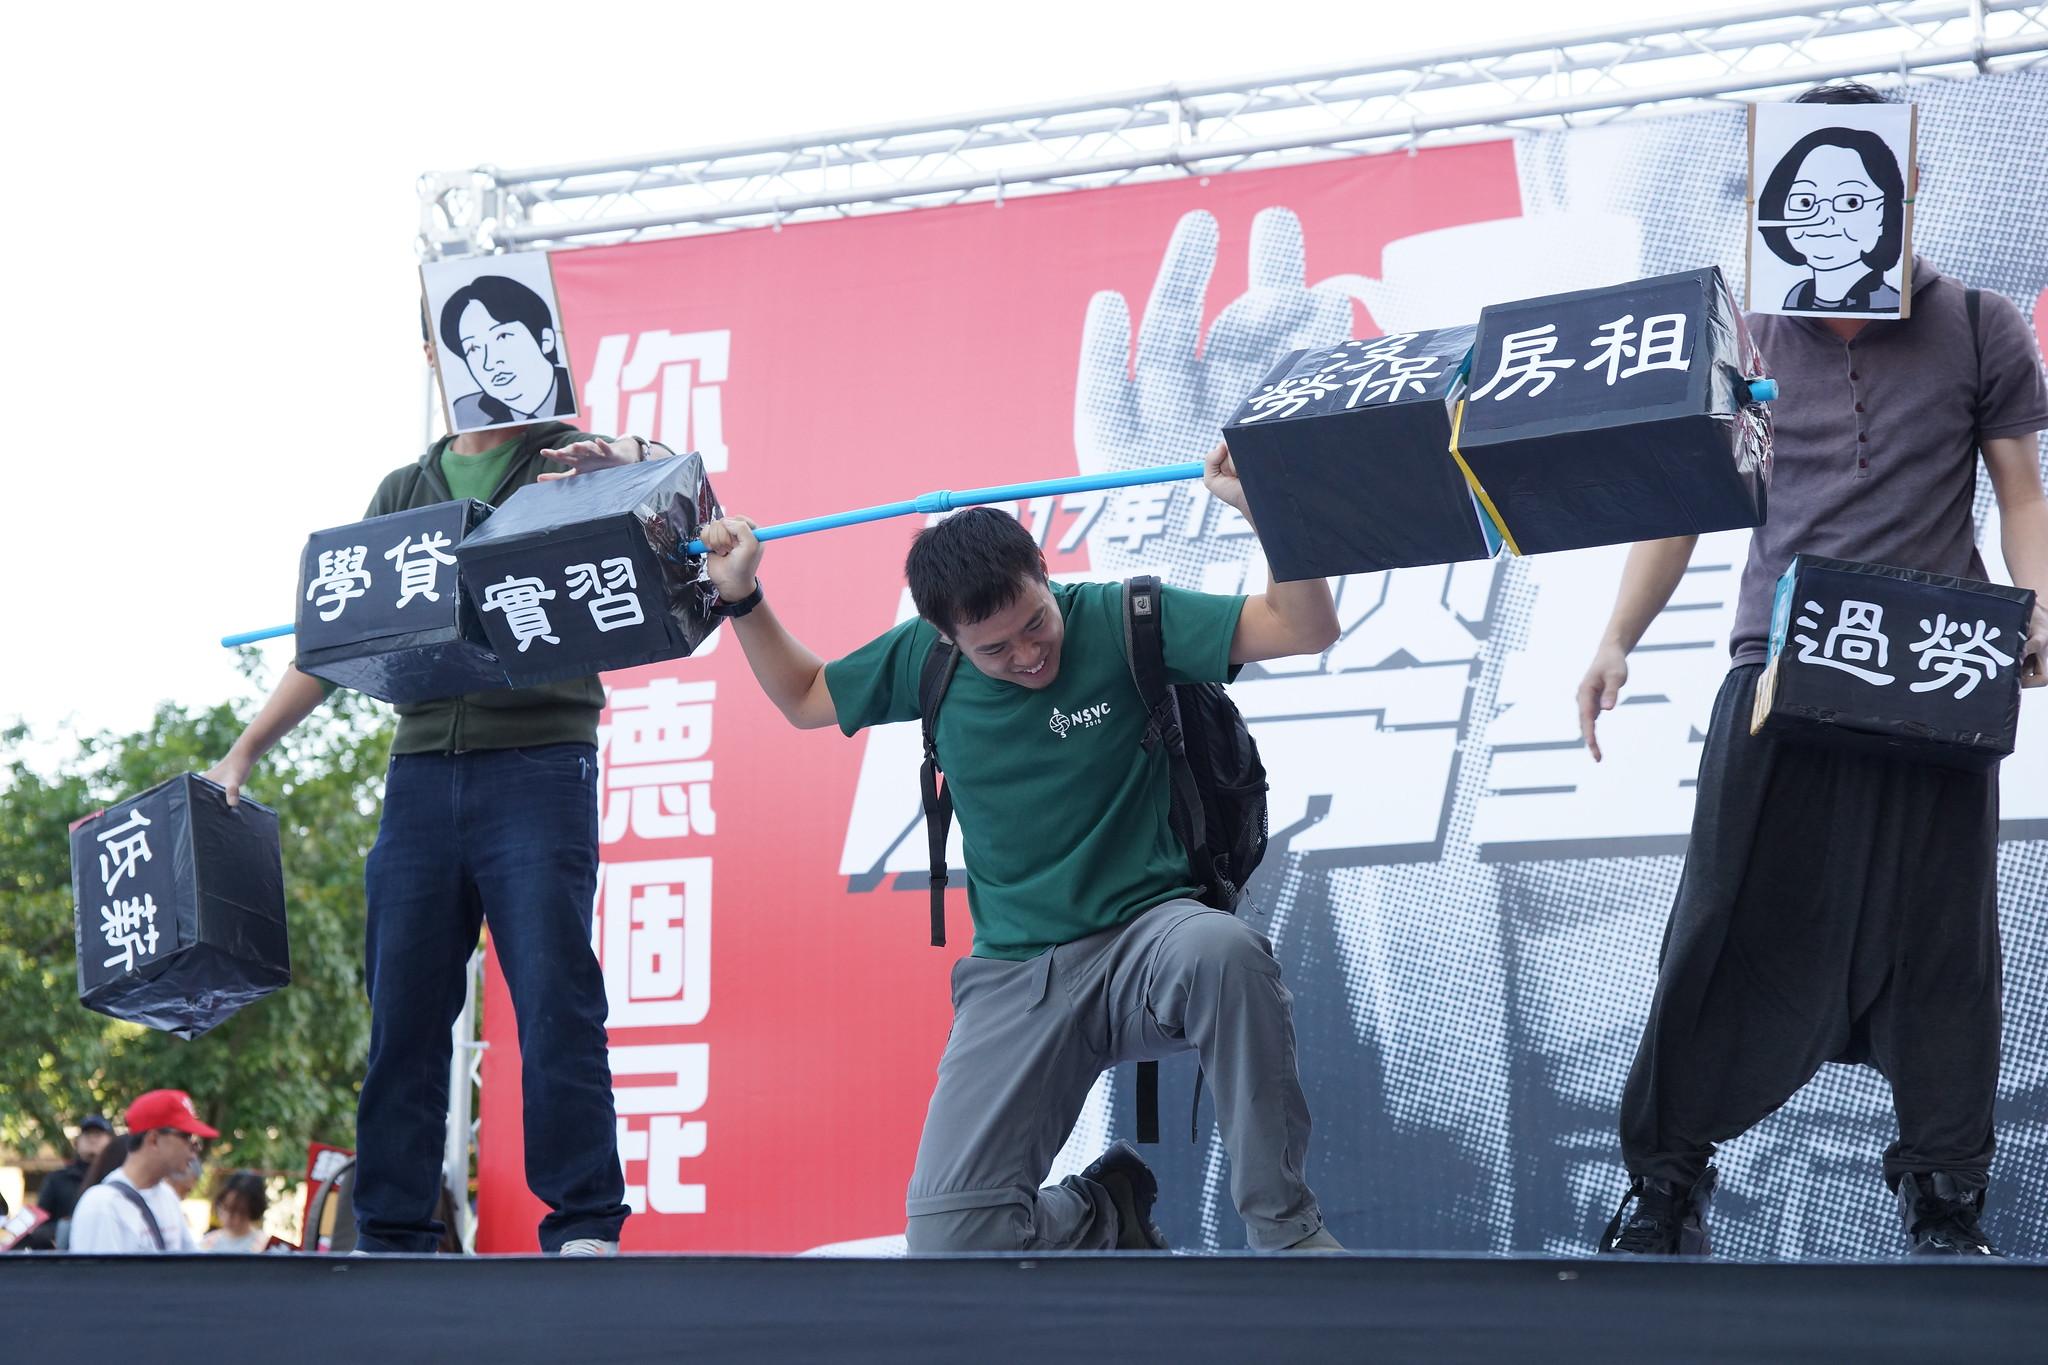 遊行開始前的行動劇,接露政府讓青年世代背負的龐大壓力。(攝影:王顥中)